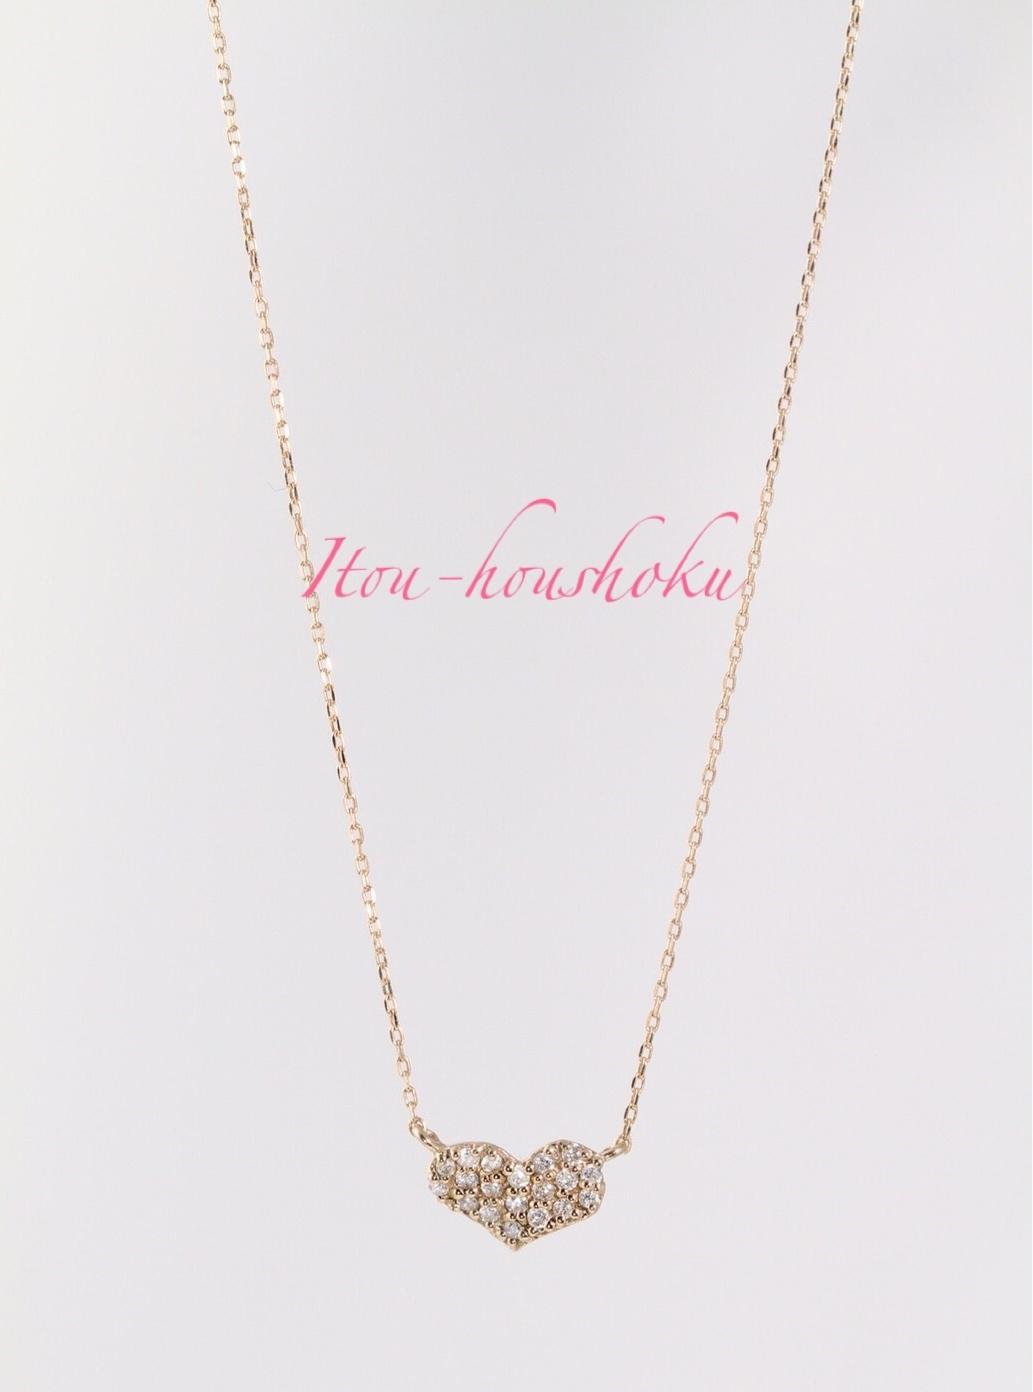 K18  ピンクゴールド ダイヤ0.12ct ネックレス